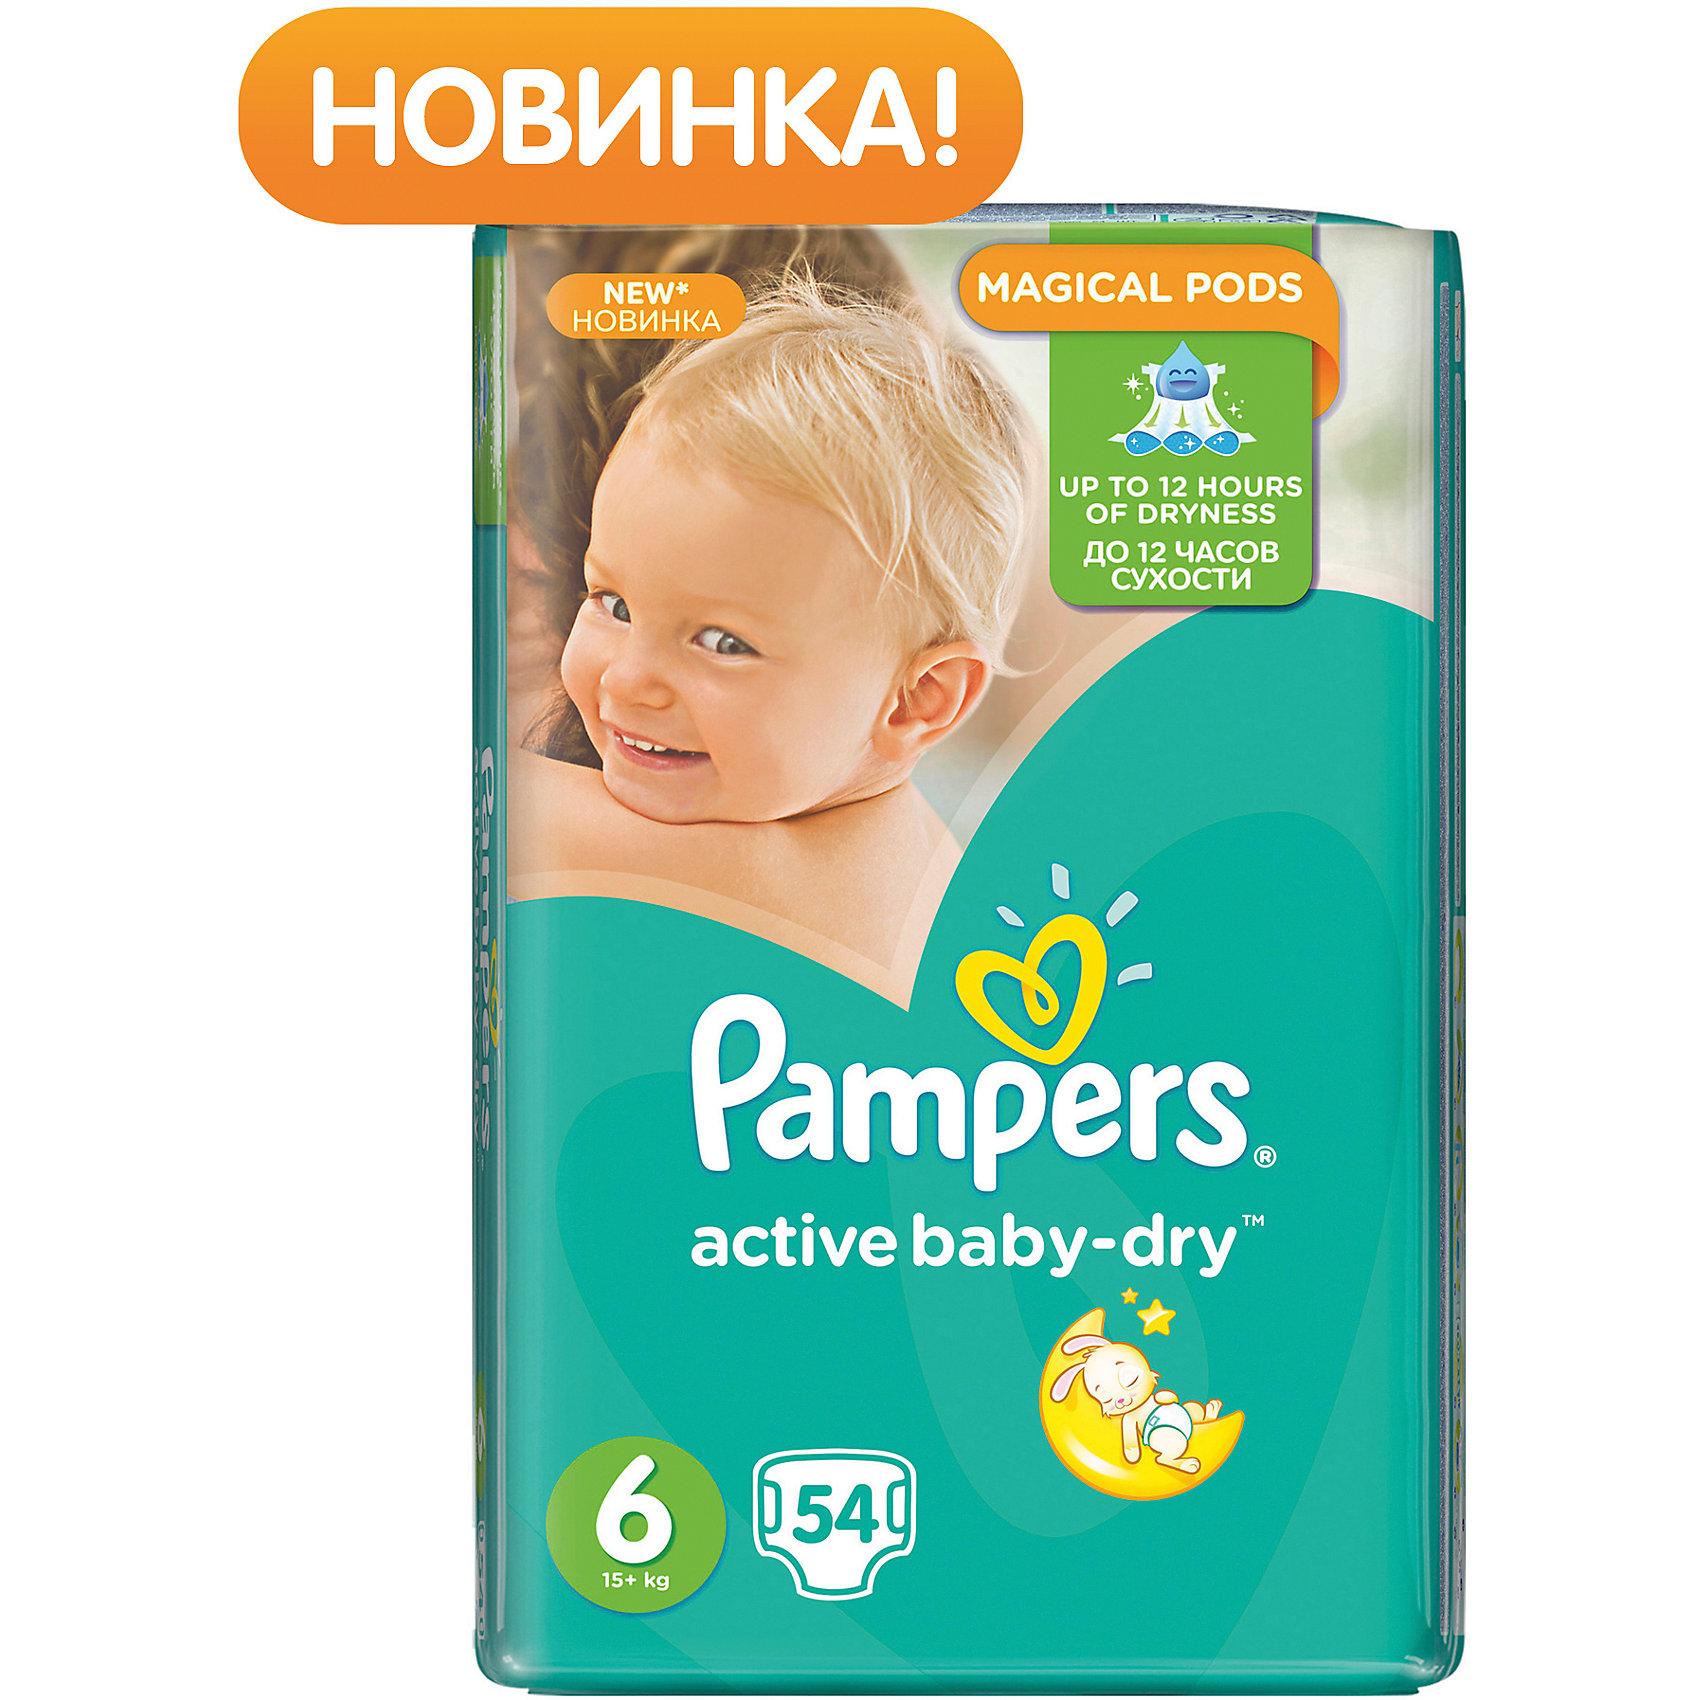 Подгузники Pampers  Active Baby-Dry Extra Large, 15+ кг., 54 шт.Ух ты, как сухо! А куда исчезли все пи-пи? Вы готовы к революции в мире подгузников? Как только вы начнете использовать Pampers active baby-dry, вы убедитесь, что они отличаются от наших предыдущих подгузников. Революционная технология помогает распределять влагу равномерно по 3 впитывающим каналам и запирать ее на замок, не допуская образование мокрого комка между ножек по утрам. Эти подгузники настолько удобные и сухие, что вы удивитесь, куда делись все пи-пи!<br> -  3 впитывающих канала: помогают равномерно распределить влагу по подгузнику, не допуская образование мокрого комка между ножек.<br> -  Впитывающие жемчужные микрогранулы: внутренний слой с жемчужными микрогранулами, который впитывает и запирает влагу до 12 часов.<br> - Слой DRY: впитывает влагу и не дает ей соприкасаться с нежной кожей малыша.<br> - Мягкий, как хлопок, верхний слой: предотвращает контакт влаги с кожей малыша, для спокойного сна на всю ночь.<br> -  Дышащие материалы: обеспечивают циркуляцию воздуха внутри подгузника.<br> - Тянущиеся боковинки: для комфортного использования и защиты от протеканий.<br><br>Ширина мм: 414<br>Глубина мм: 120<br>Высота мм: 251<br>Вес г: 1861<br>Возраст от месяцев: 12<br>Возраст до месяцев: 36<br>Пол: Унисекс<br>Возраст: Детский<br>SKU: 5422932